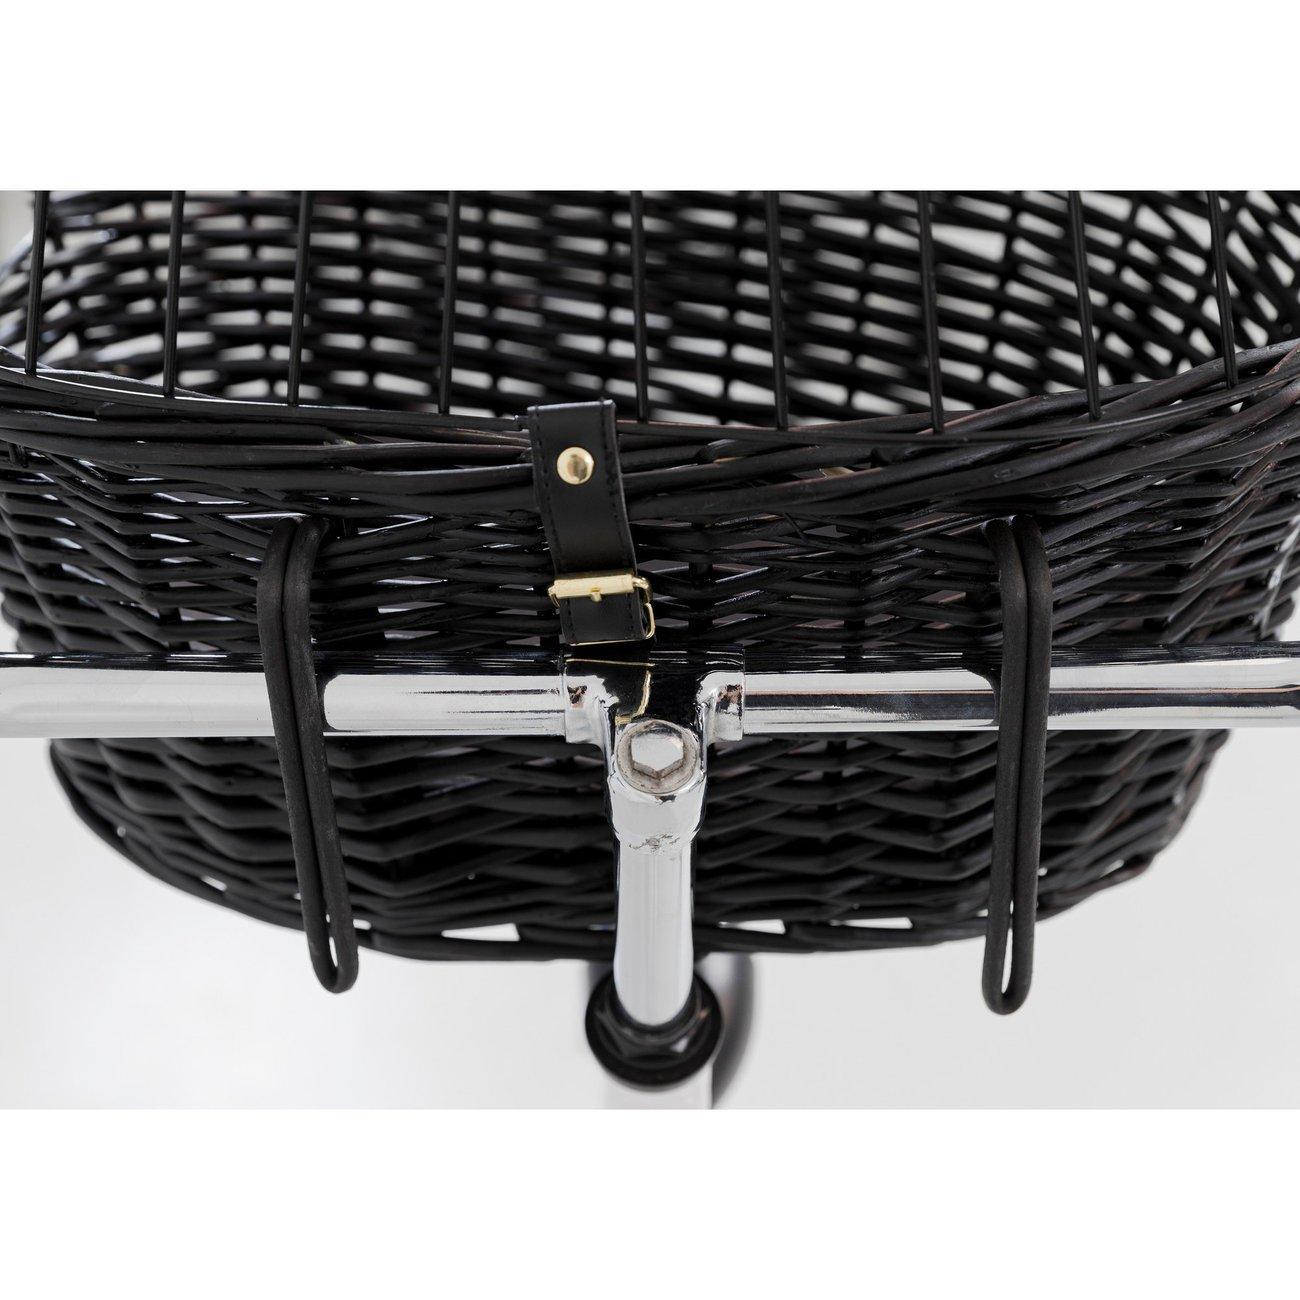 TRIXIE Fahrradkorb mit Gitter, schwarz 2818, Bild 7